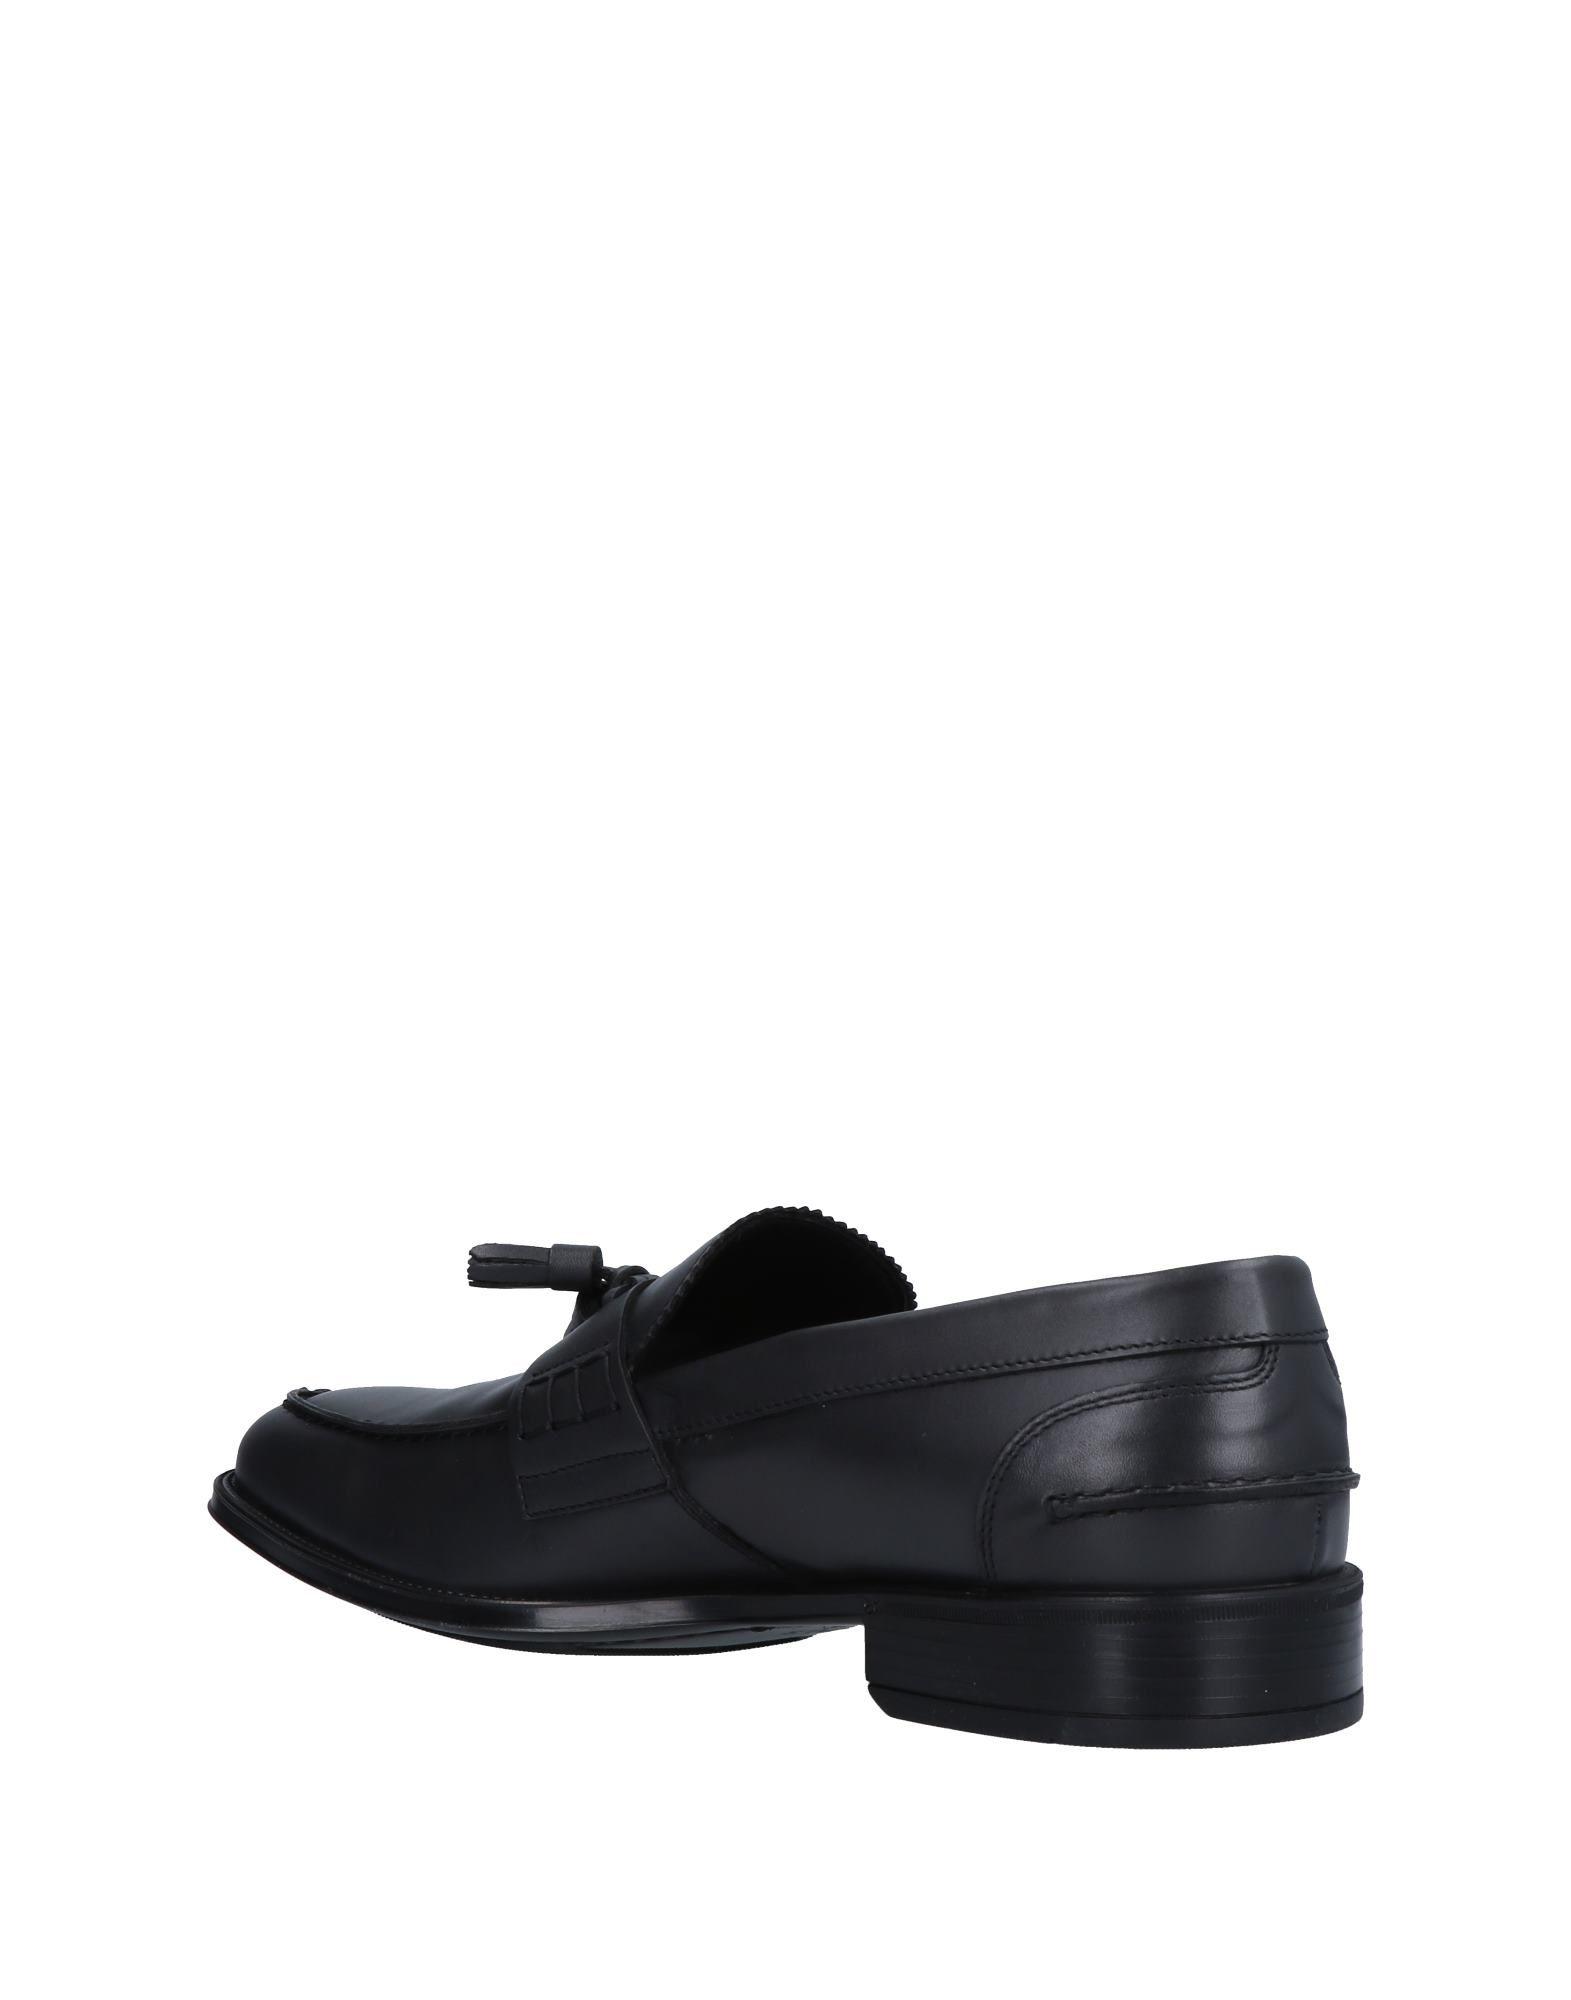 Doucal's Mokassins Qualität Herren  11512069VC Gute Qualität Mokassins beliebte Schuhe 231768